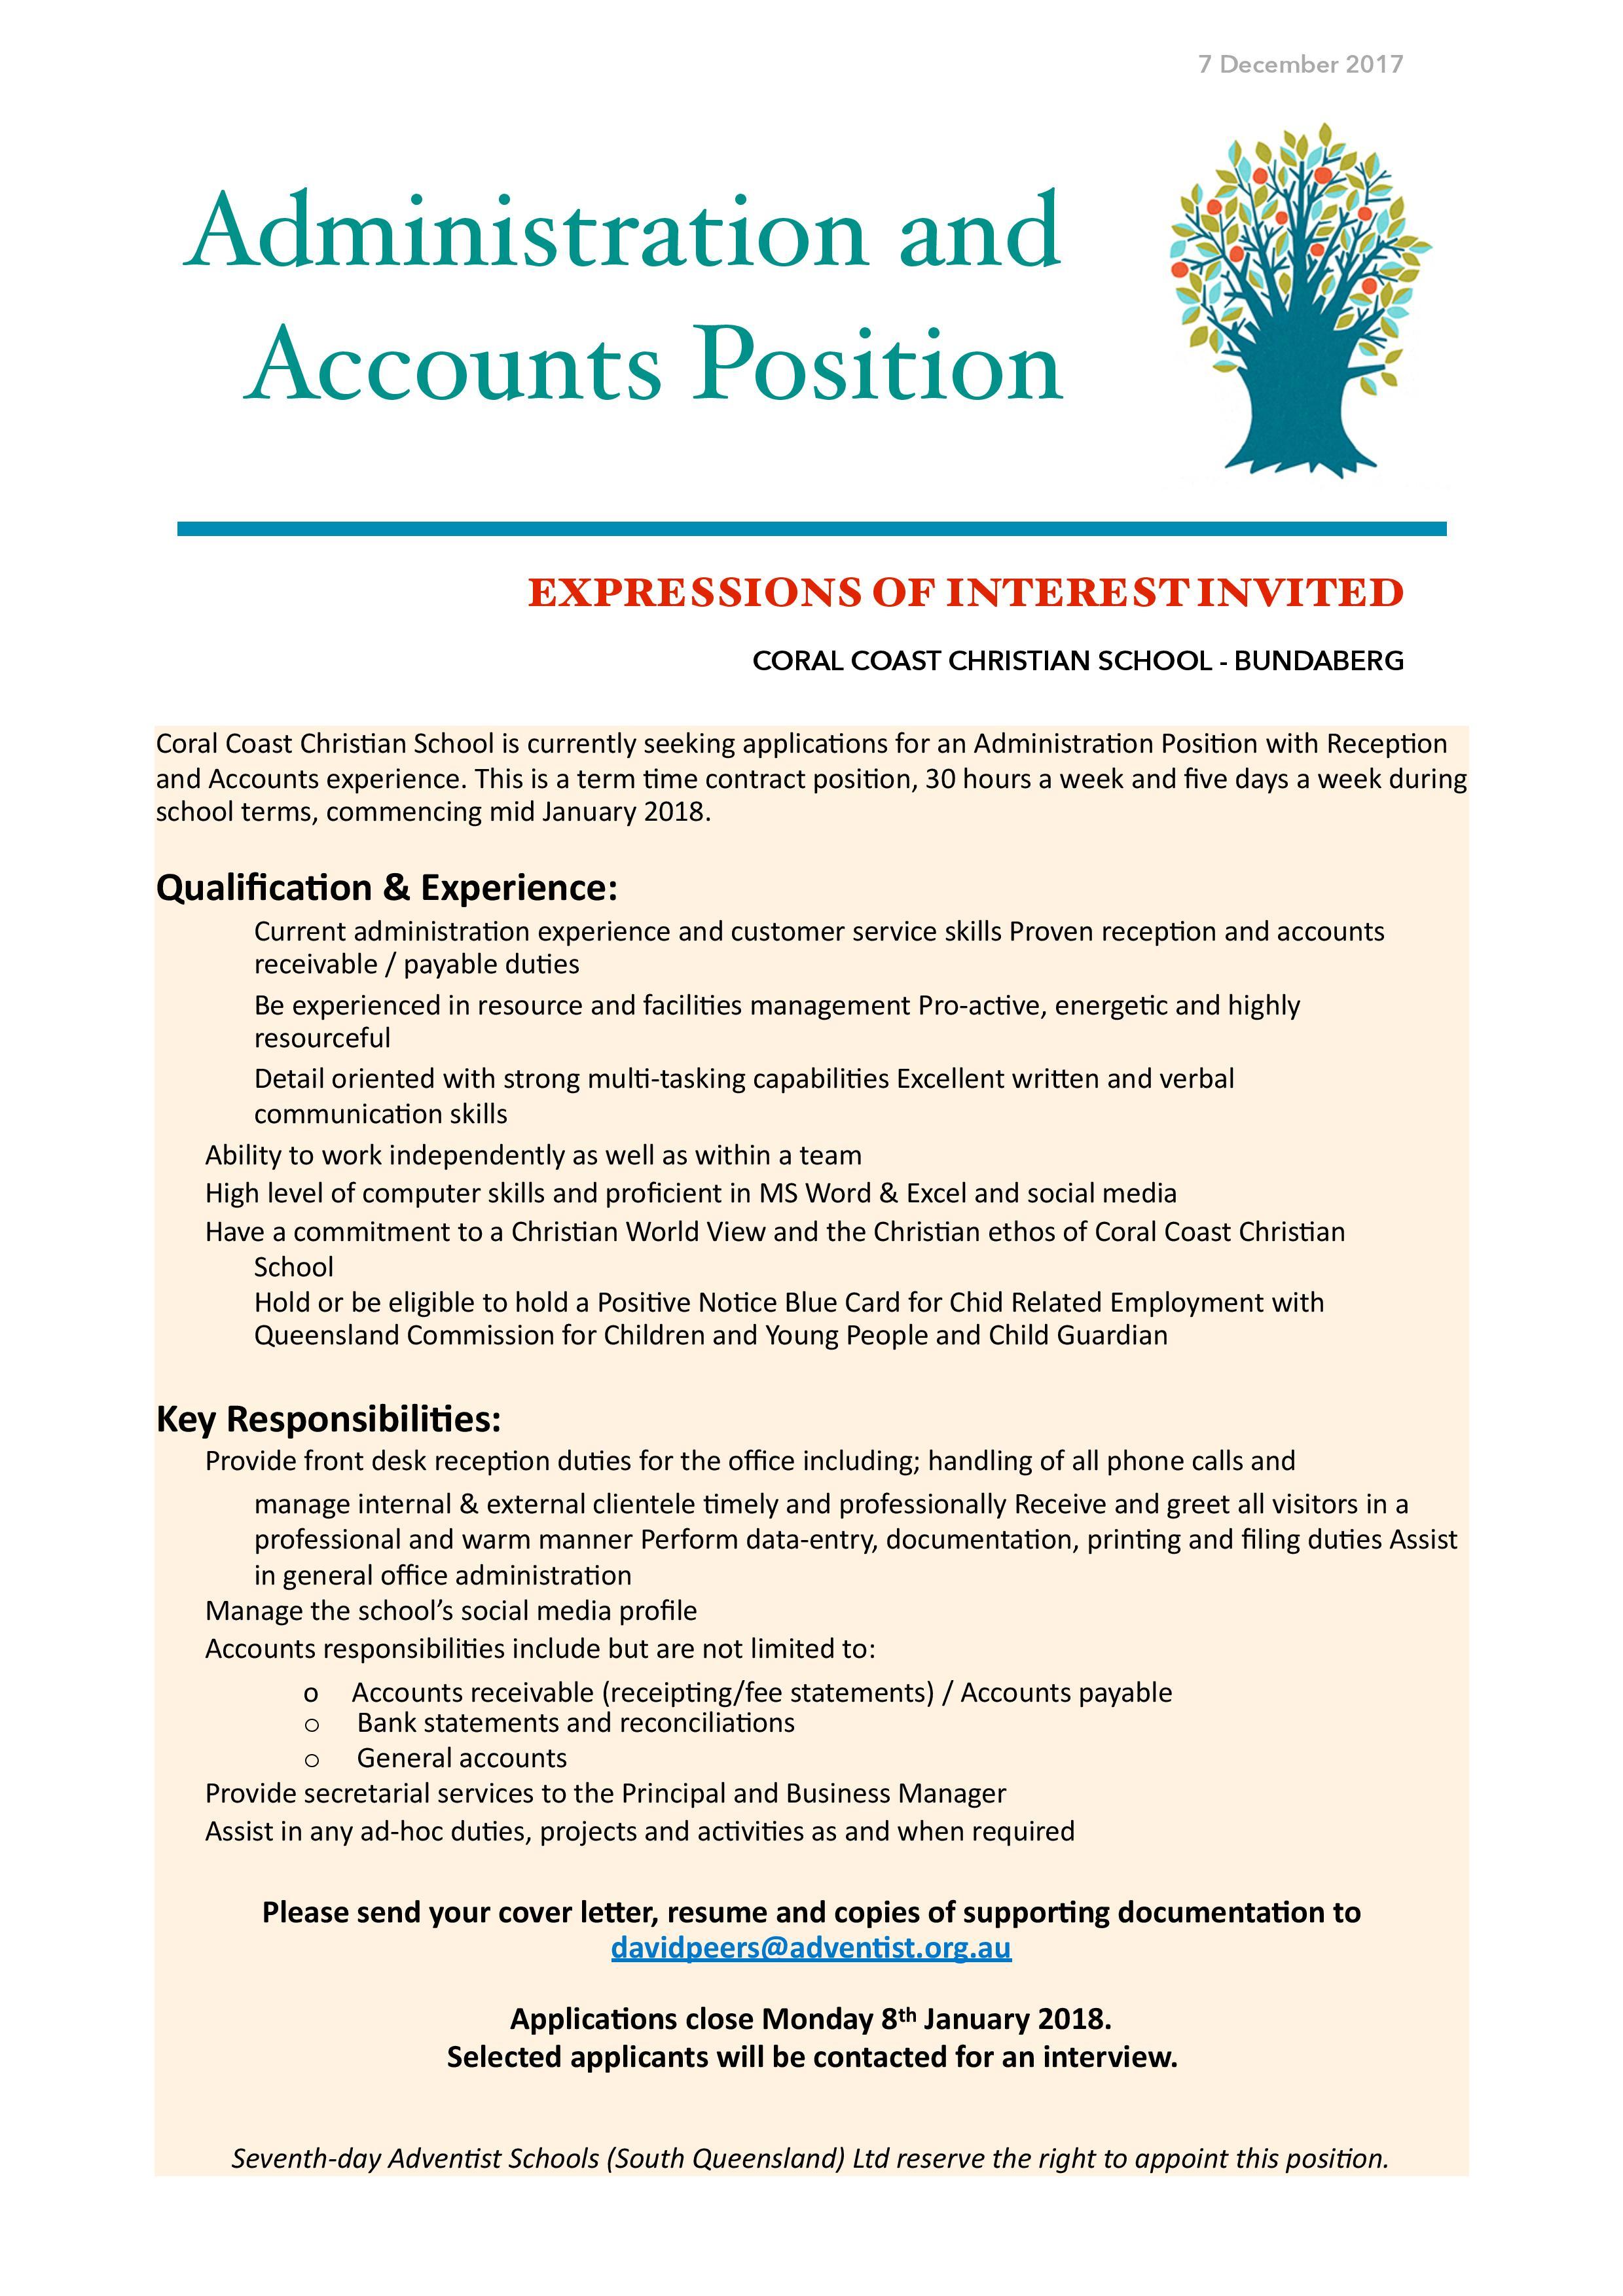 CCCS Position Vacant Advert - Dec 2017-page-001